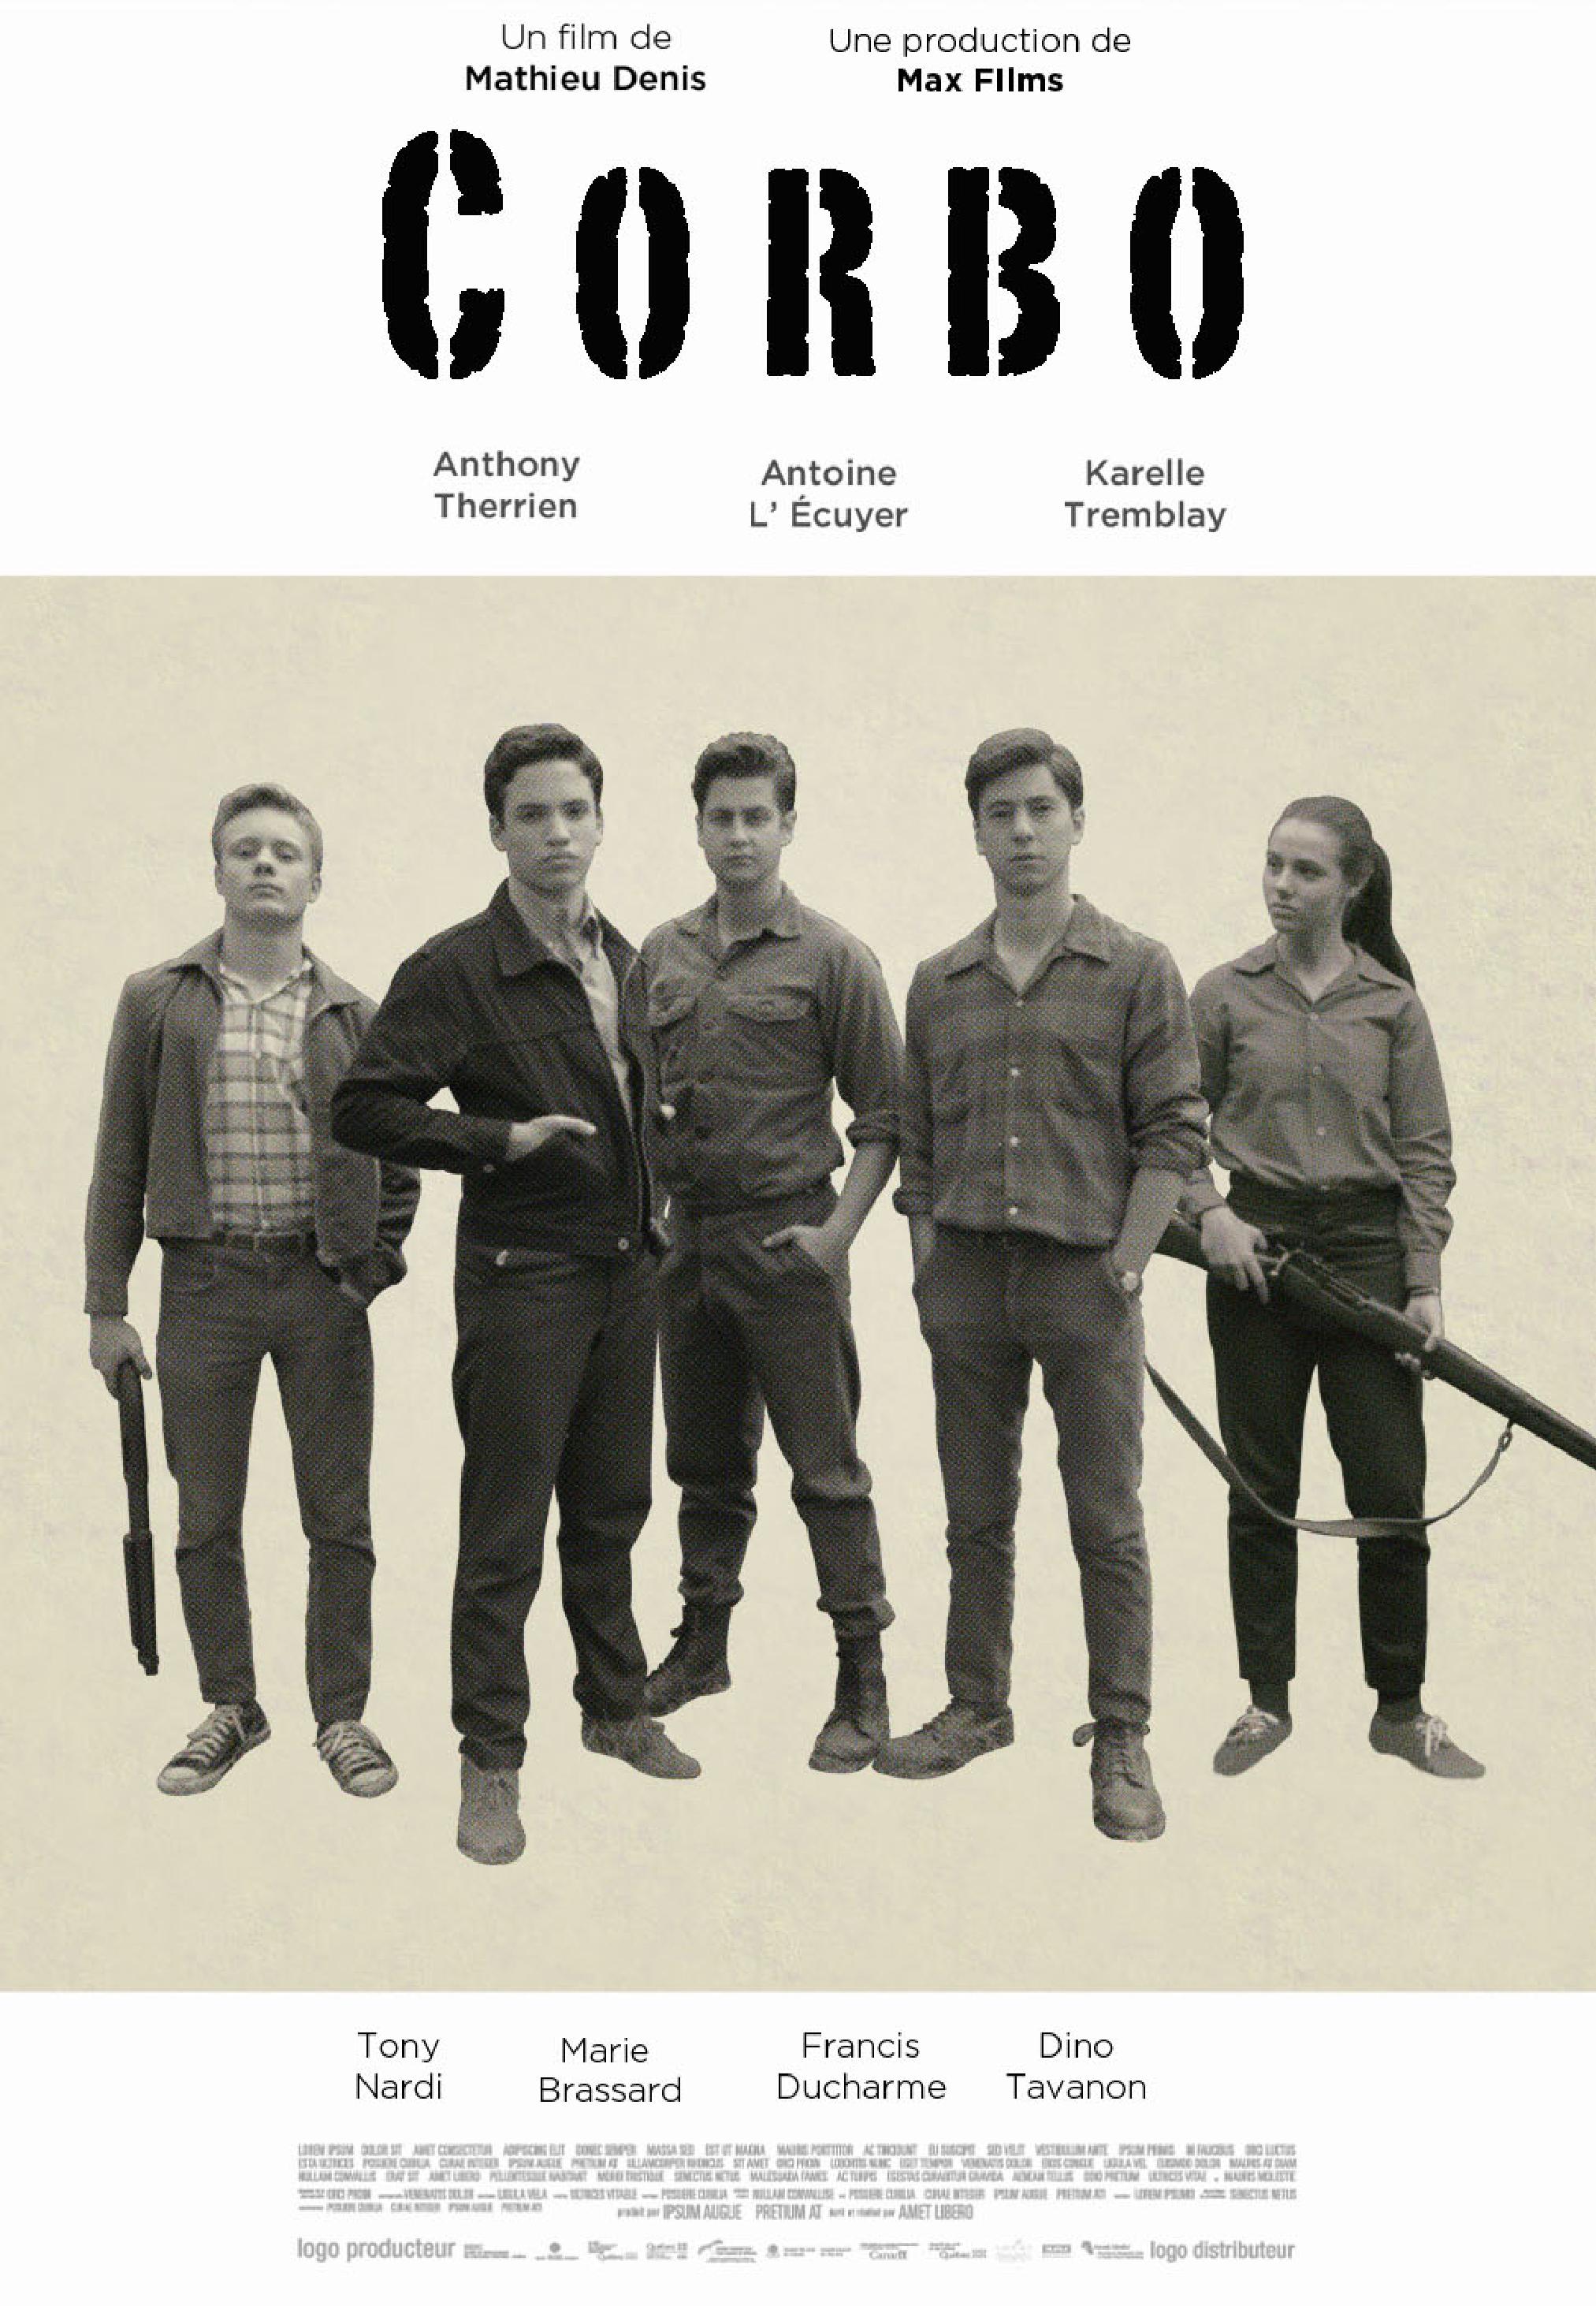 CORBO-Poster-RENZO-27oct_00016.jpg